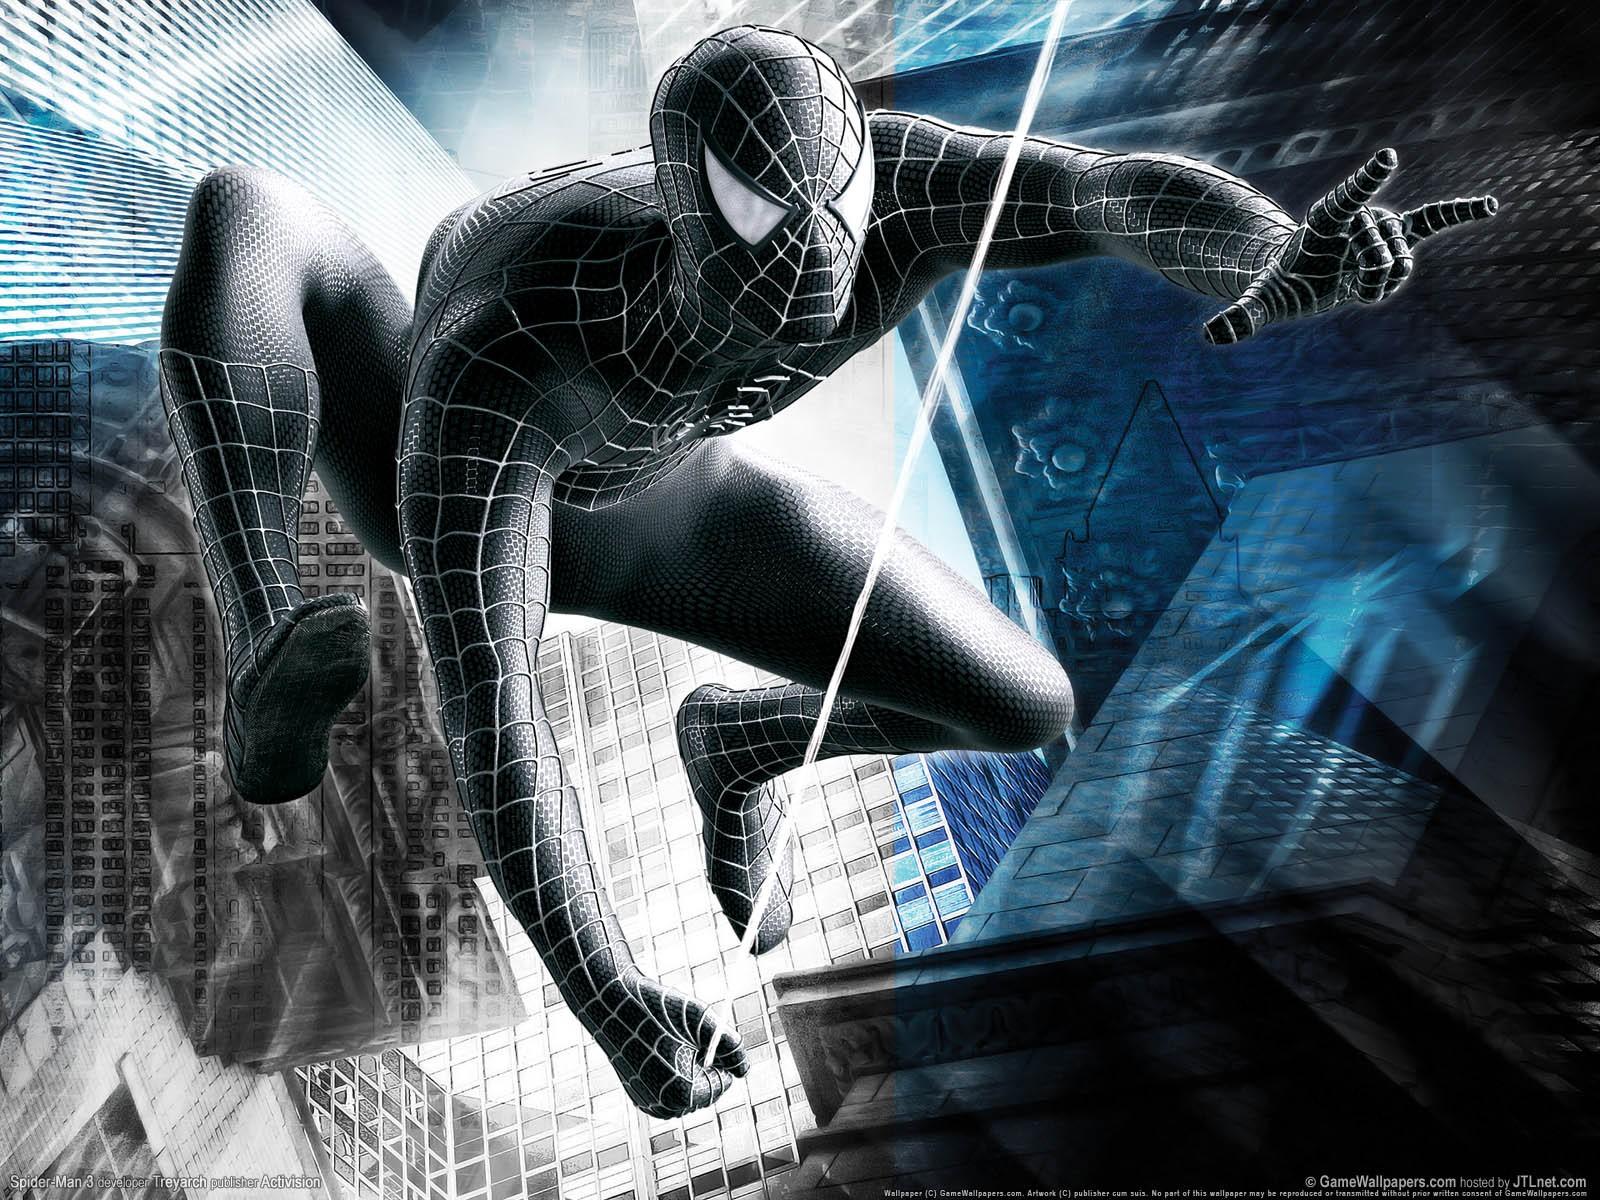 http://1.bp.blogspot.com/-vdGIOq0ogBU/T_cPcr46zkI/AAAAAAAAD2E/60E1L-ECuBw/s1600/Spider-Man-4-44989.jpeg